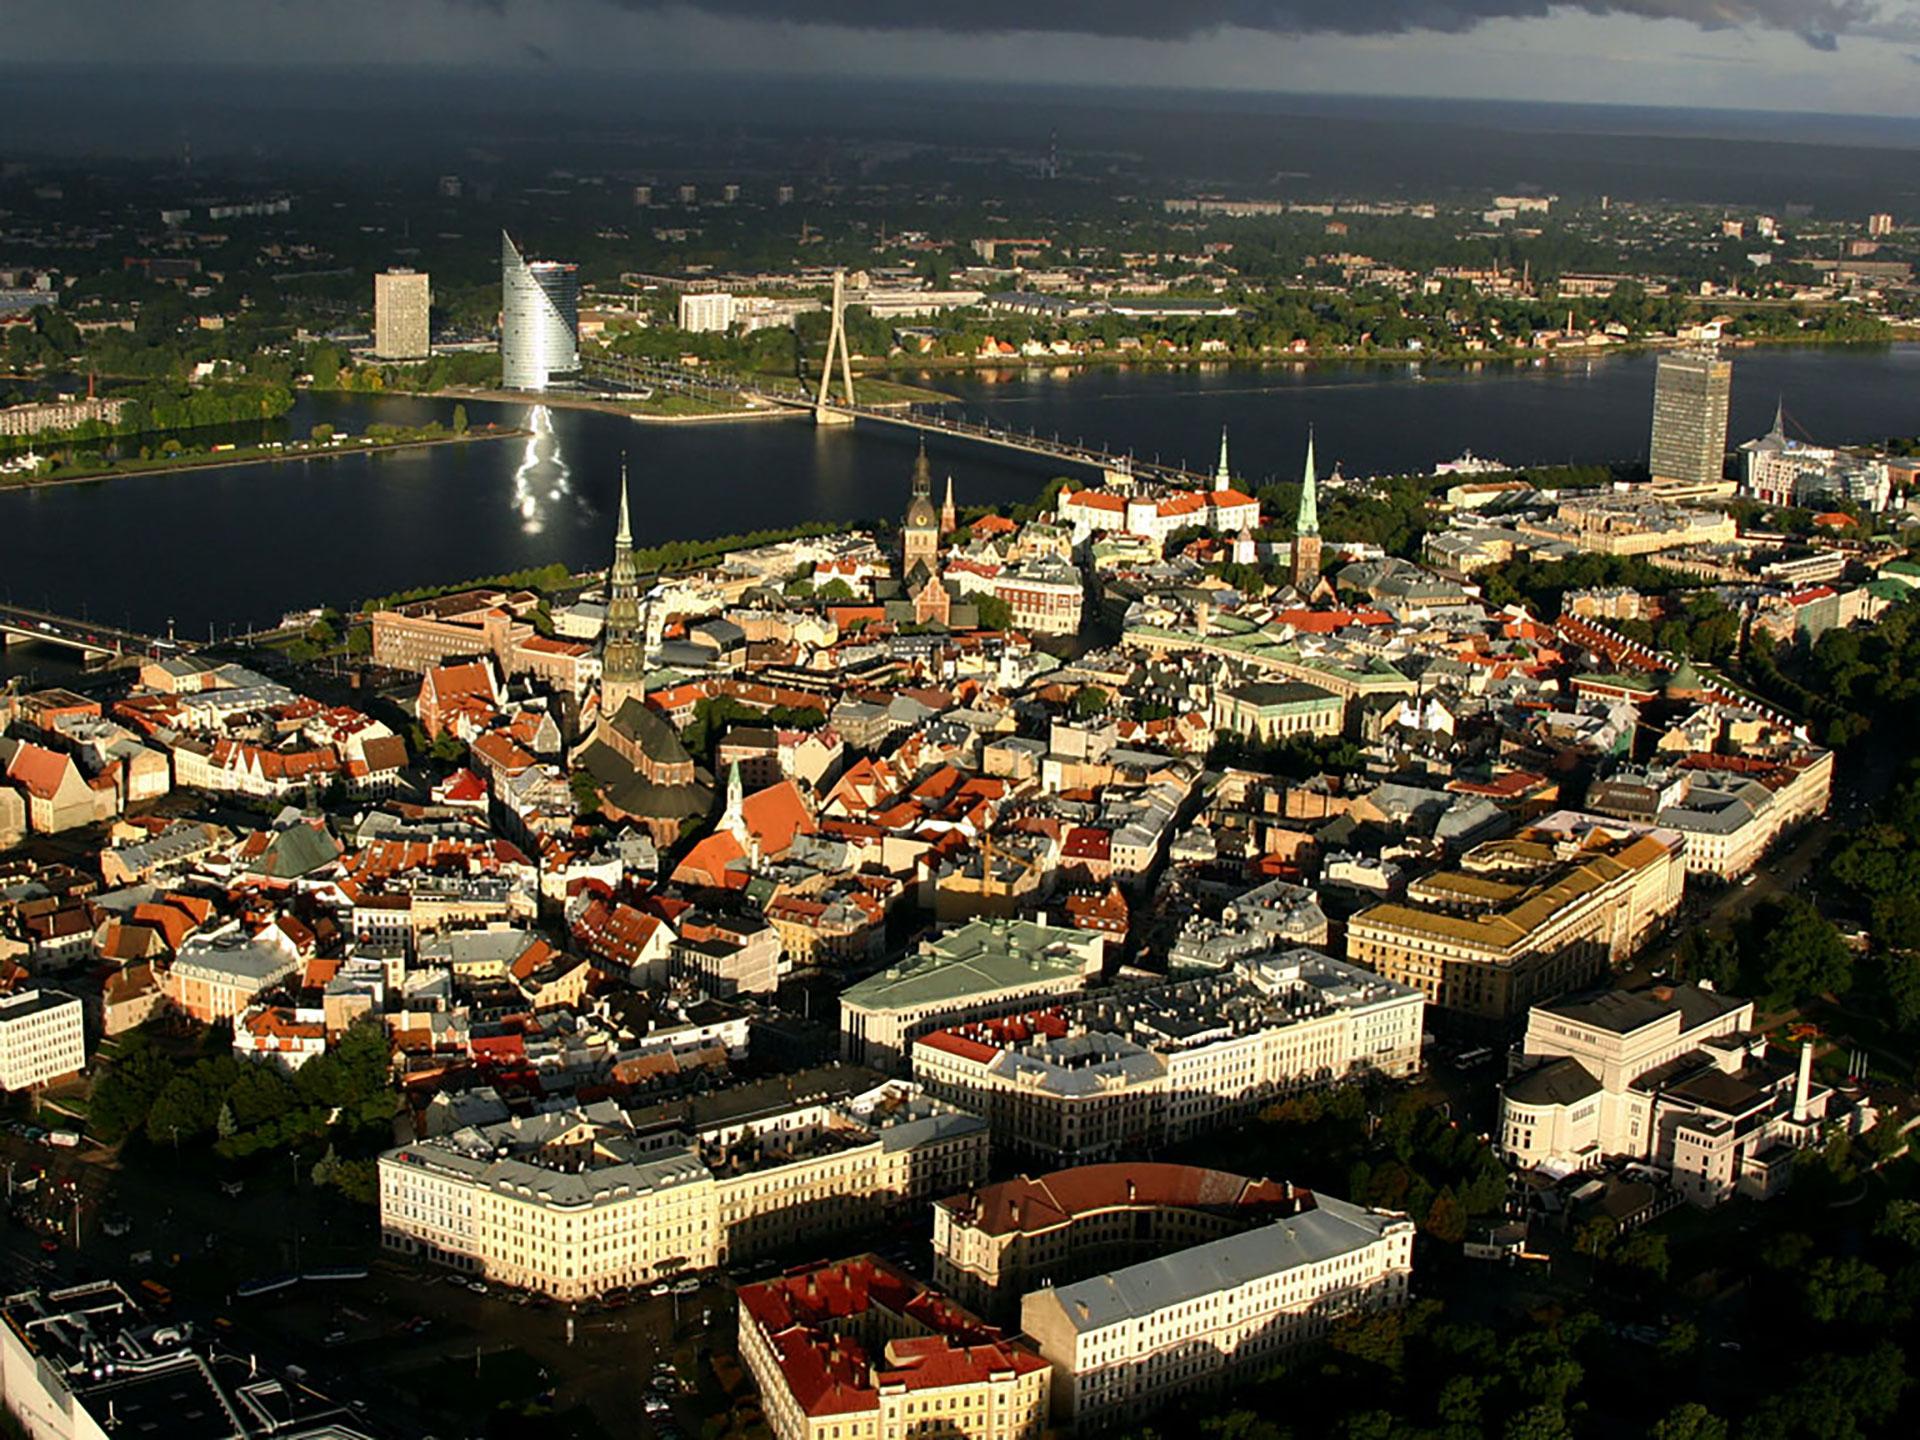 Old Town and Daugava River in Riga, Latvia. Photo credit: Vita Balckare